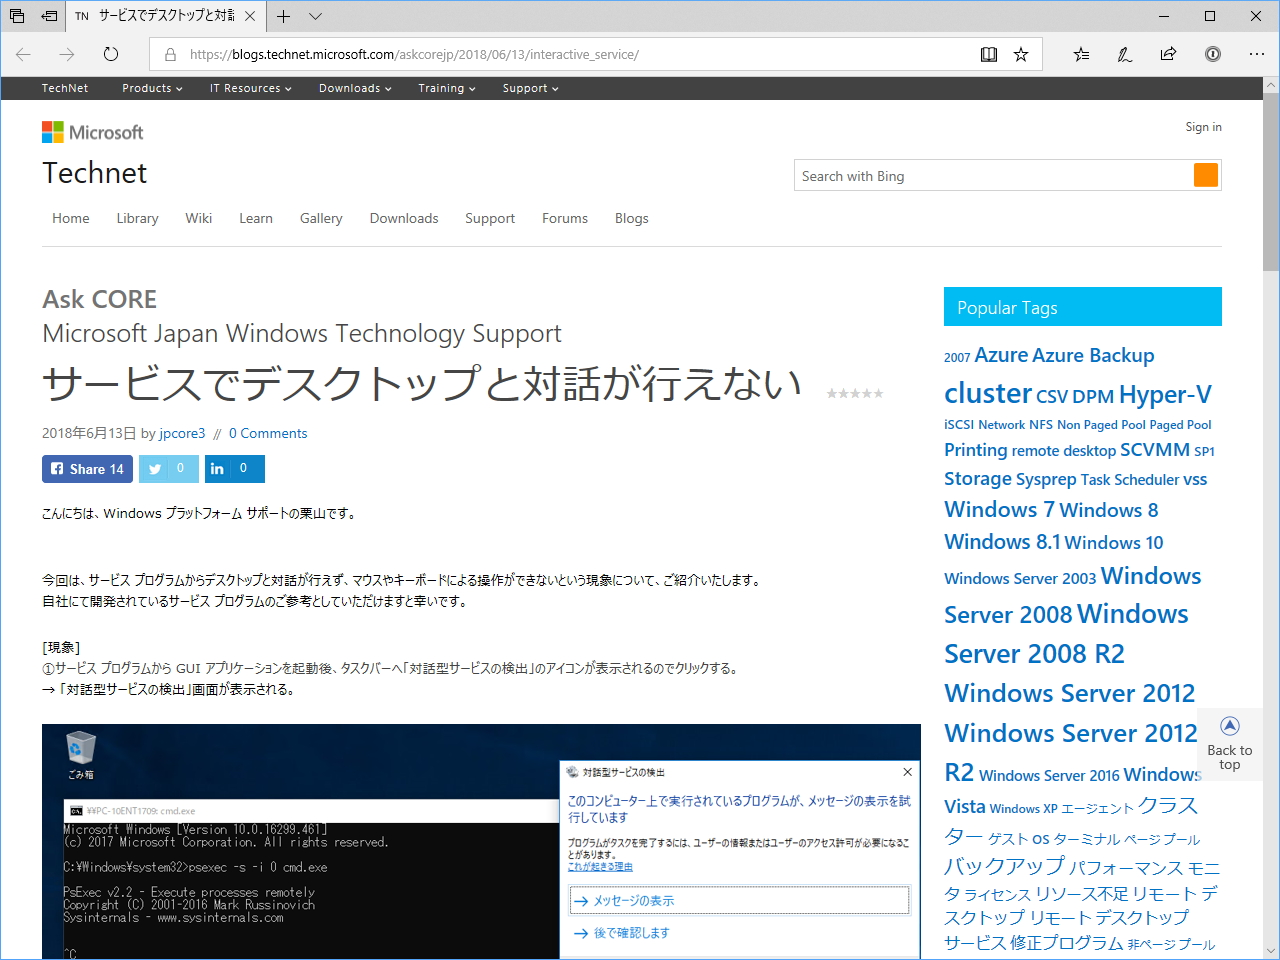 UIを呼び出すタイプの古いサービスアプリは注意 ~Windows 10では事実上